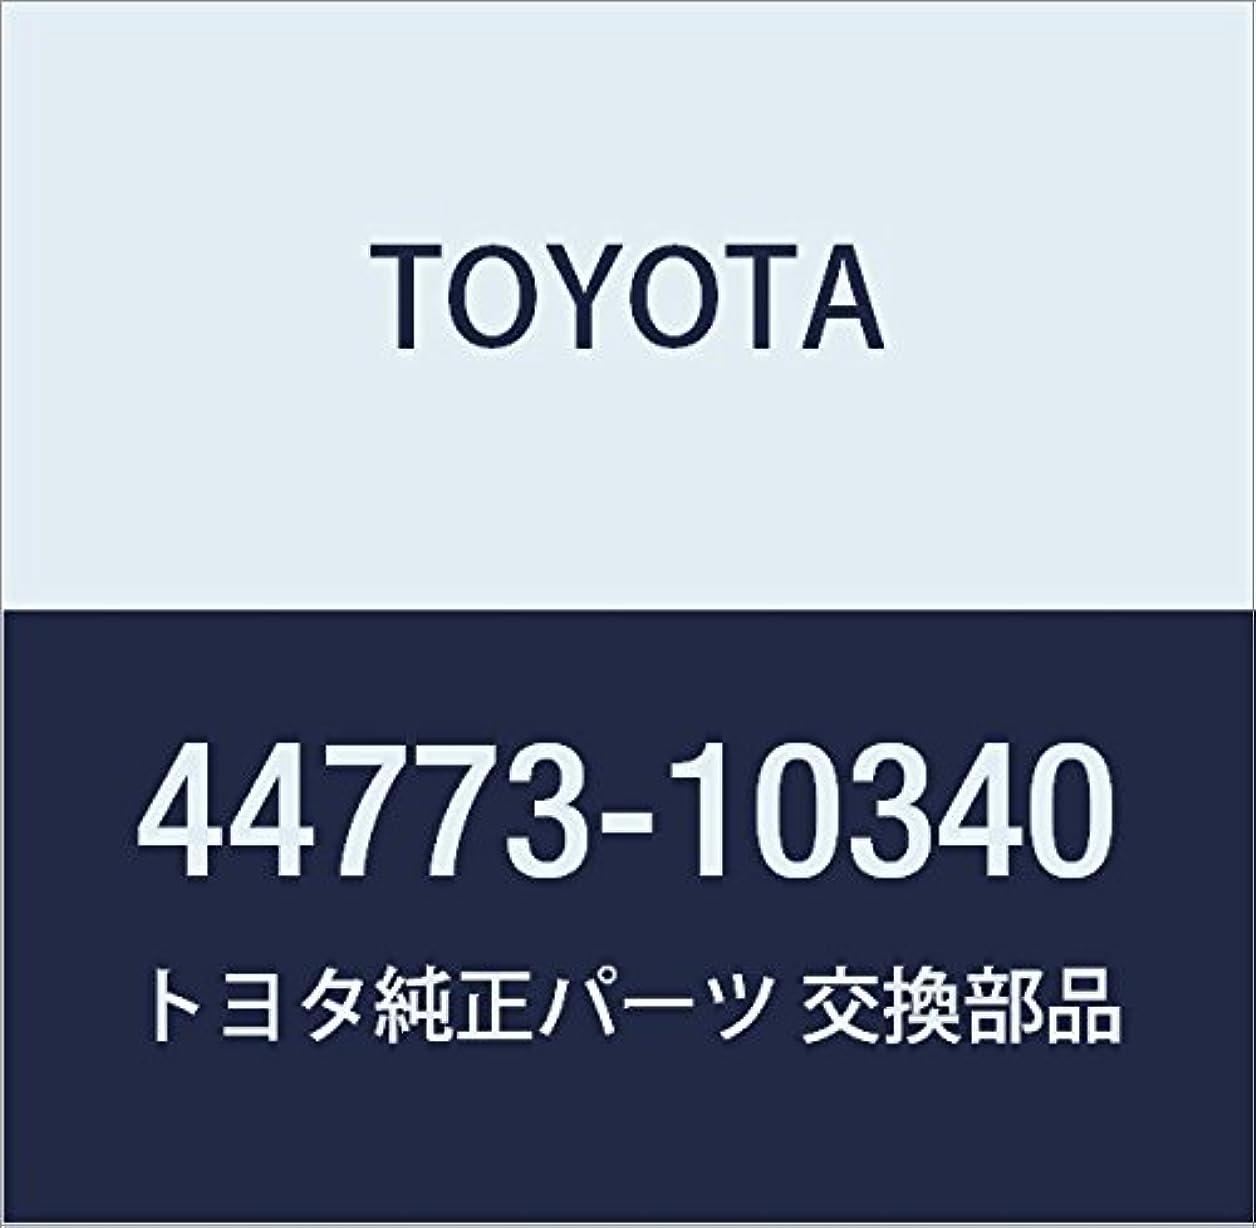 守るバンジョー不確実TOYOTA (トヨタ) 純正部品 ユニオン トゥー チェックバルブ ホース 品番44773-10340